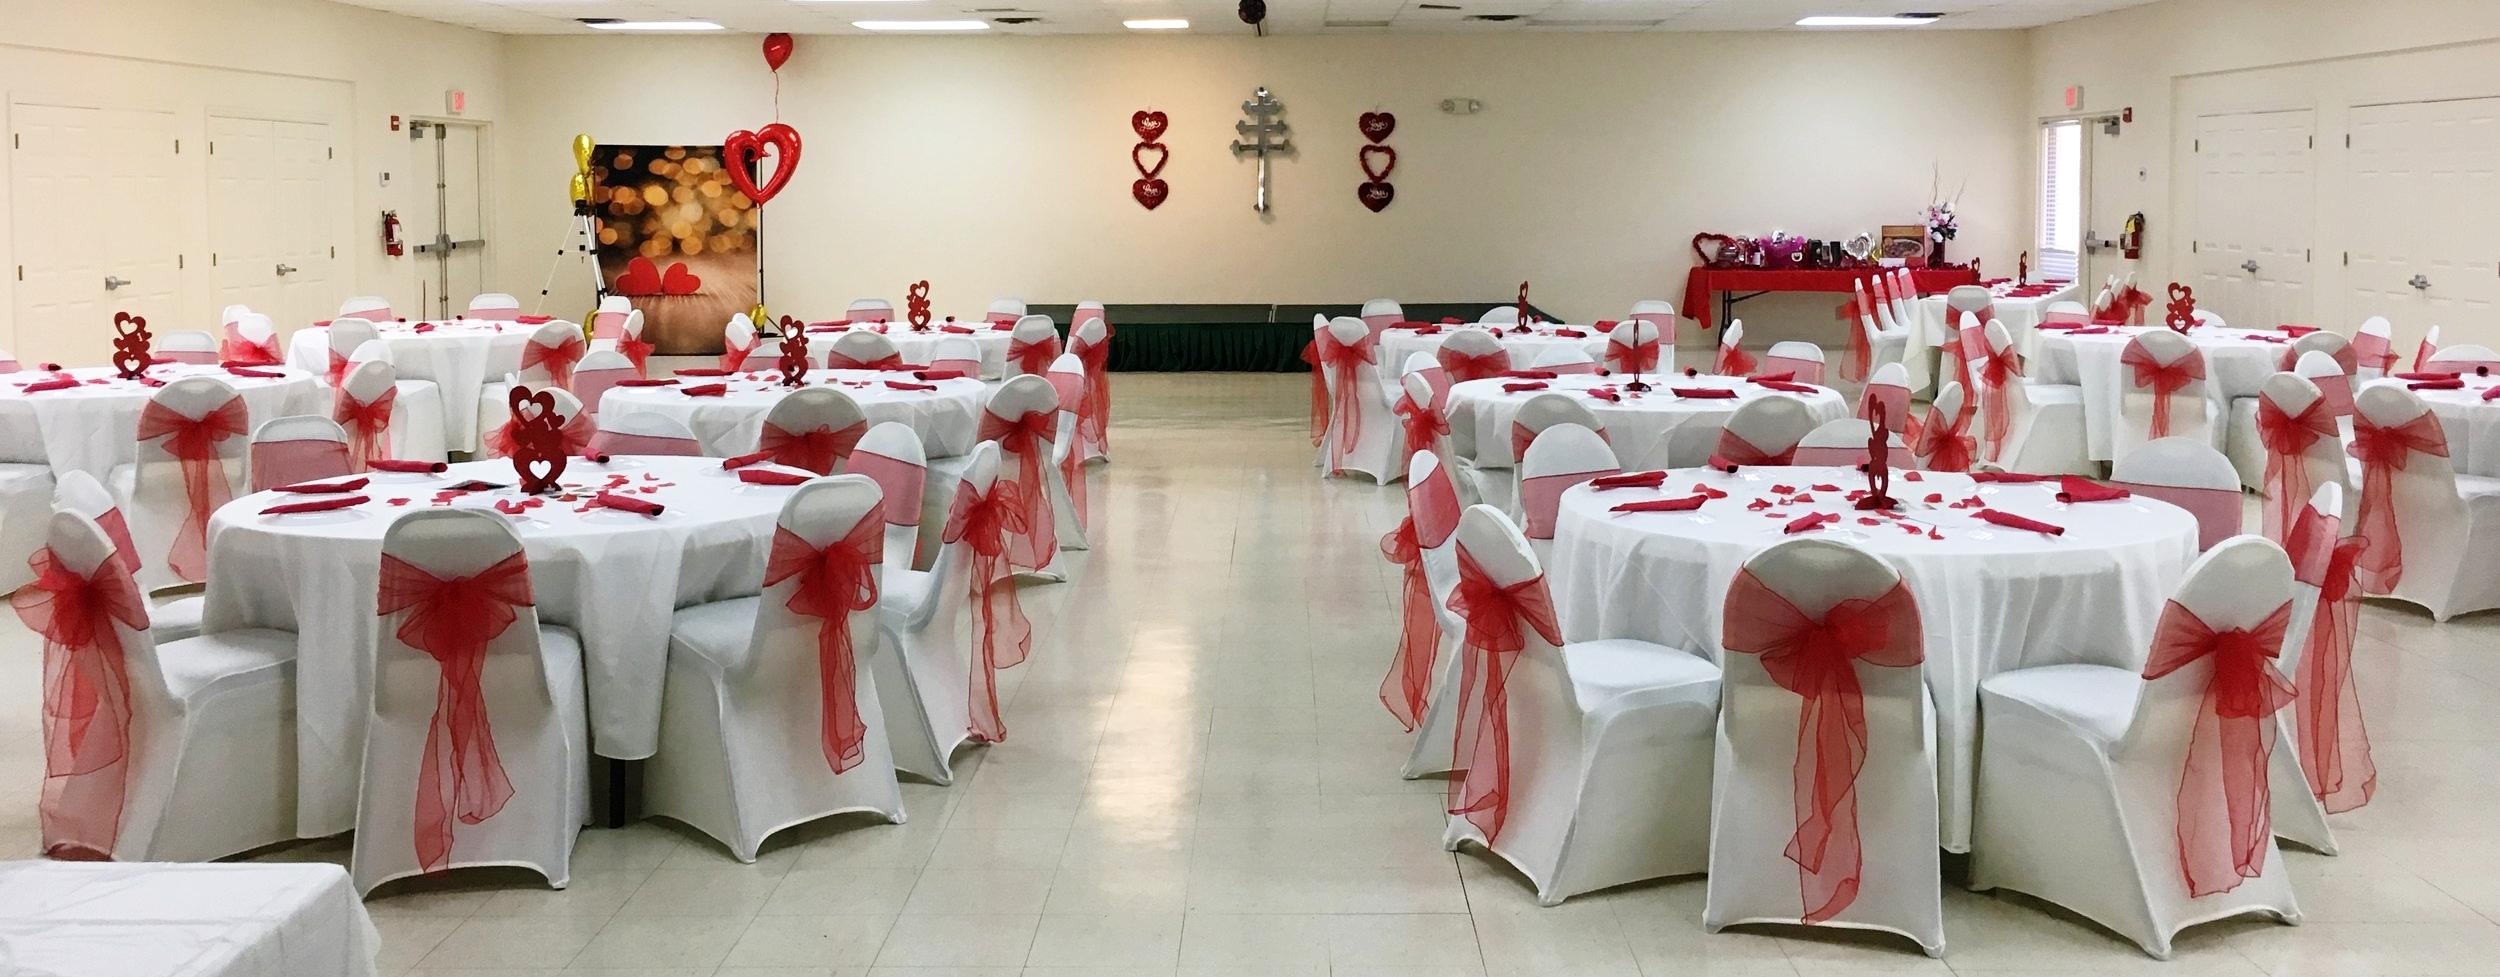 Banquet Hall Tequesta.JPG